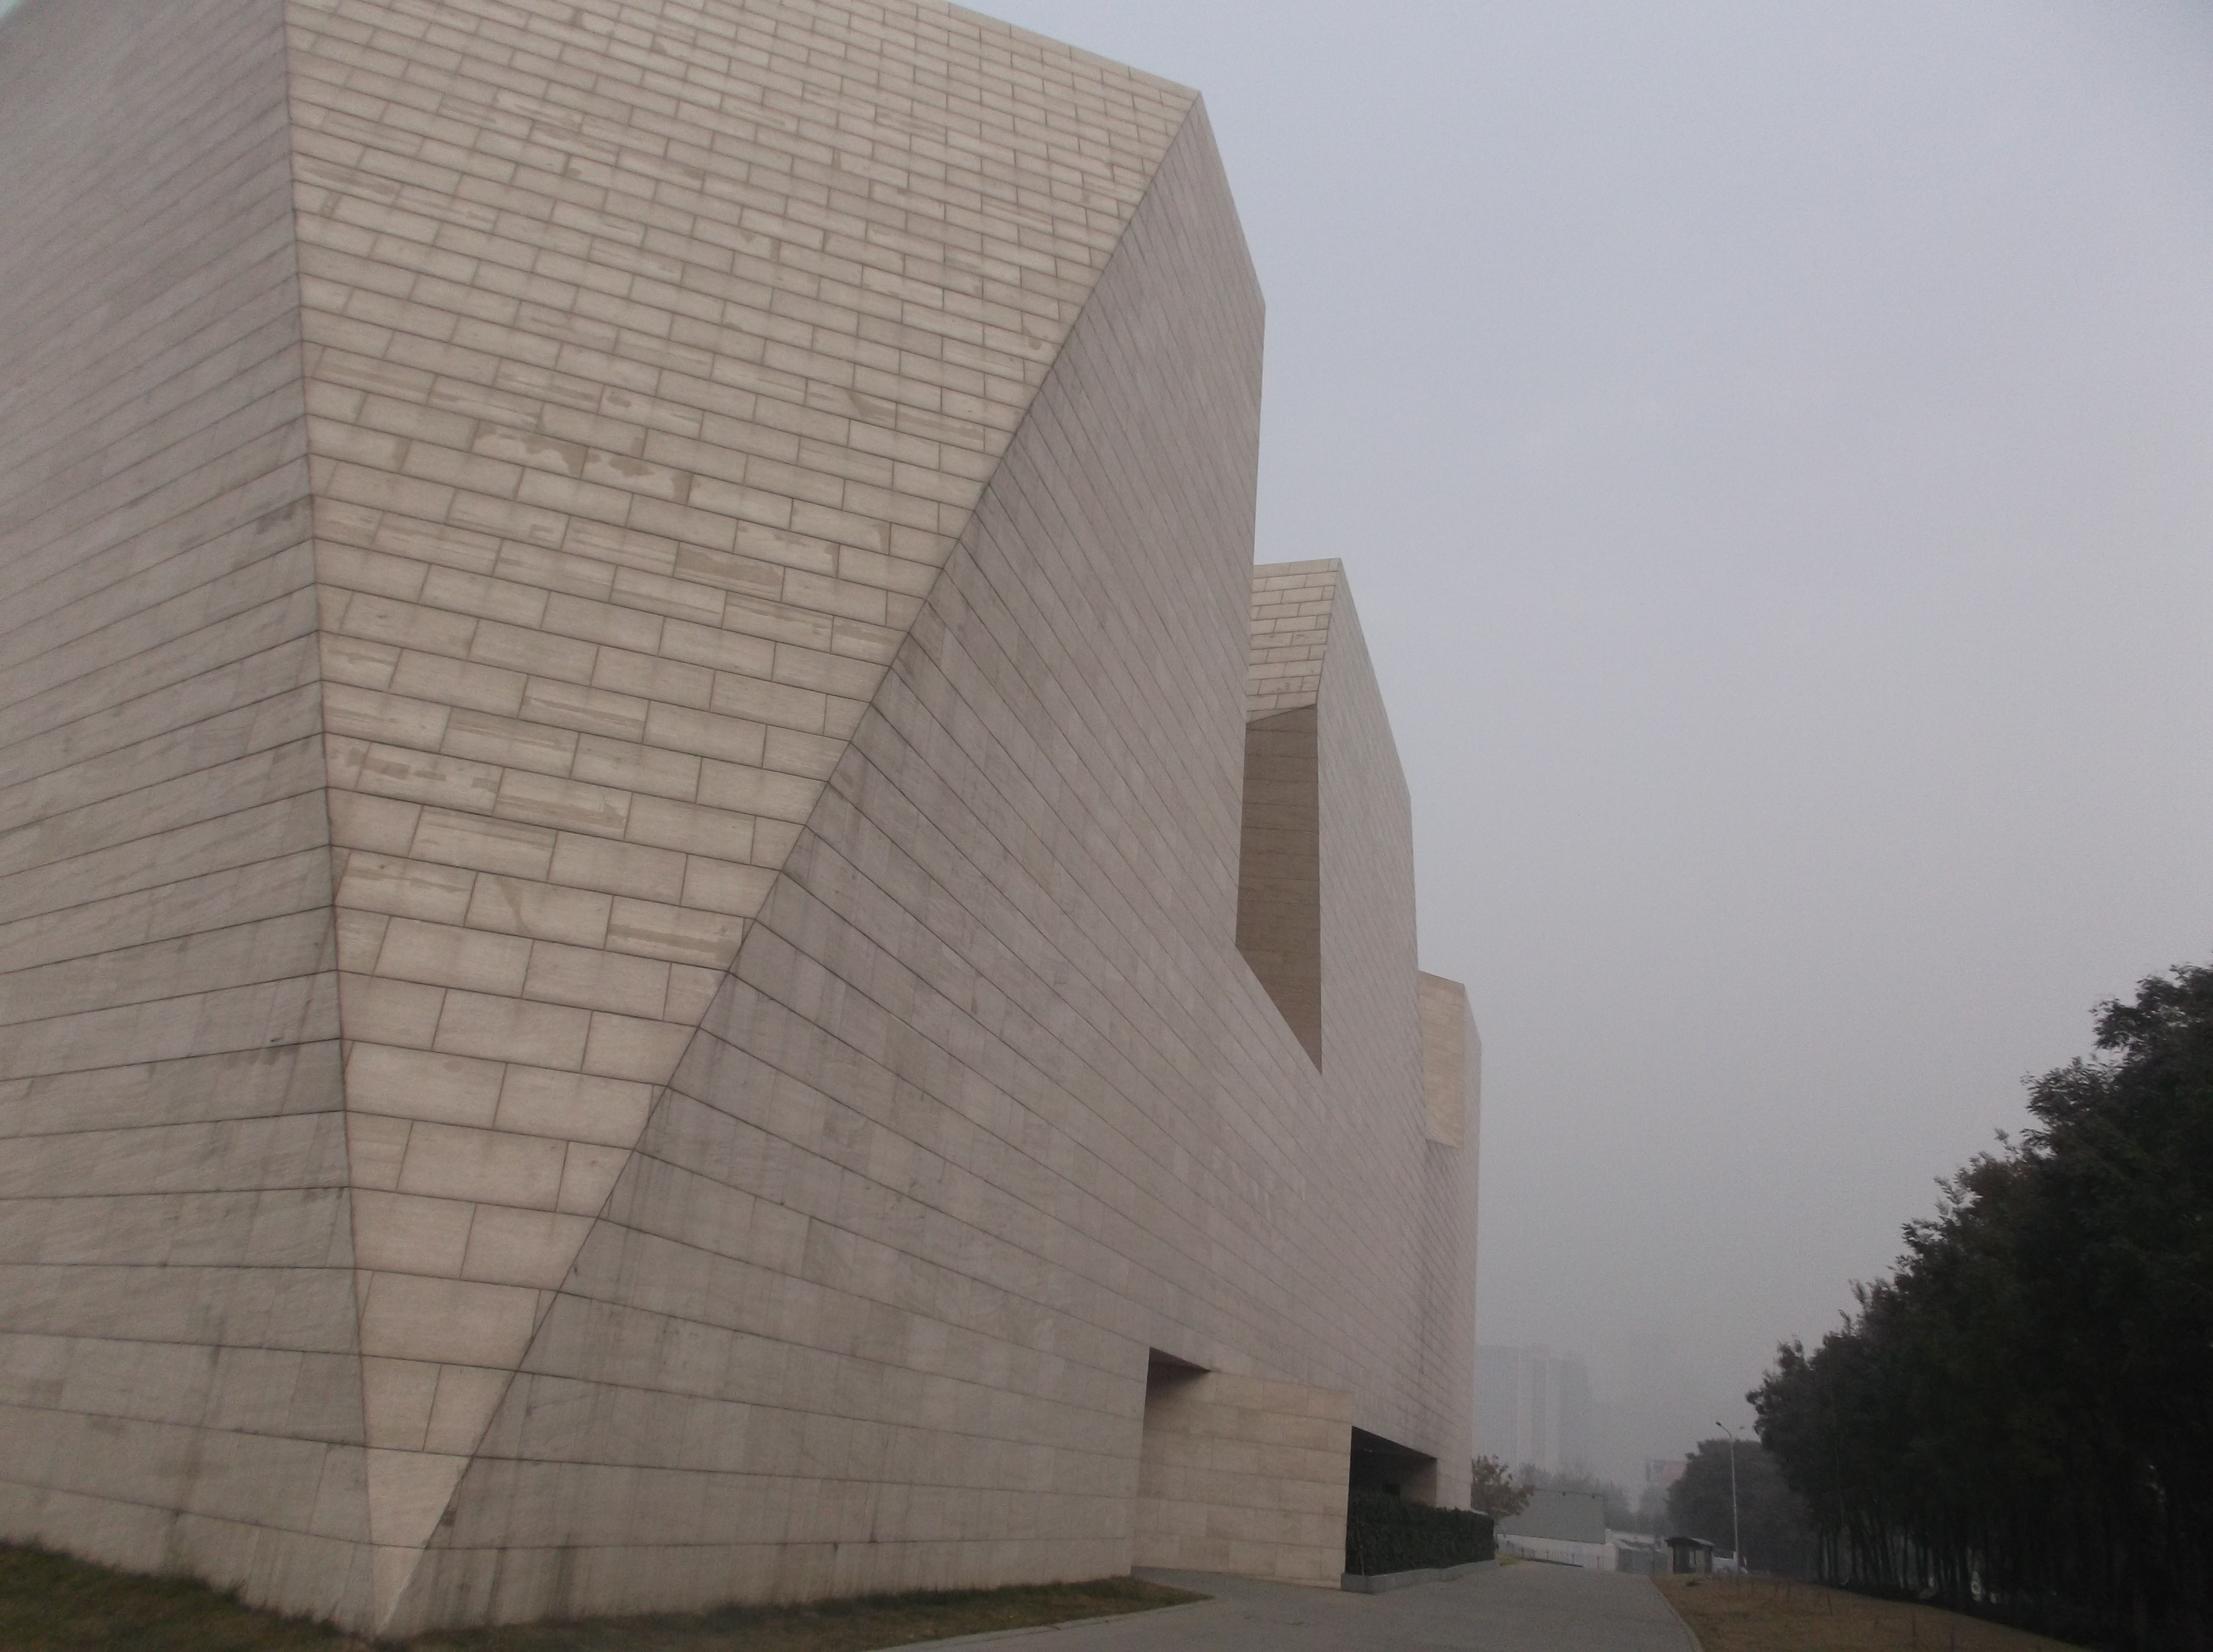 Shandong Art Museum